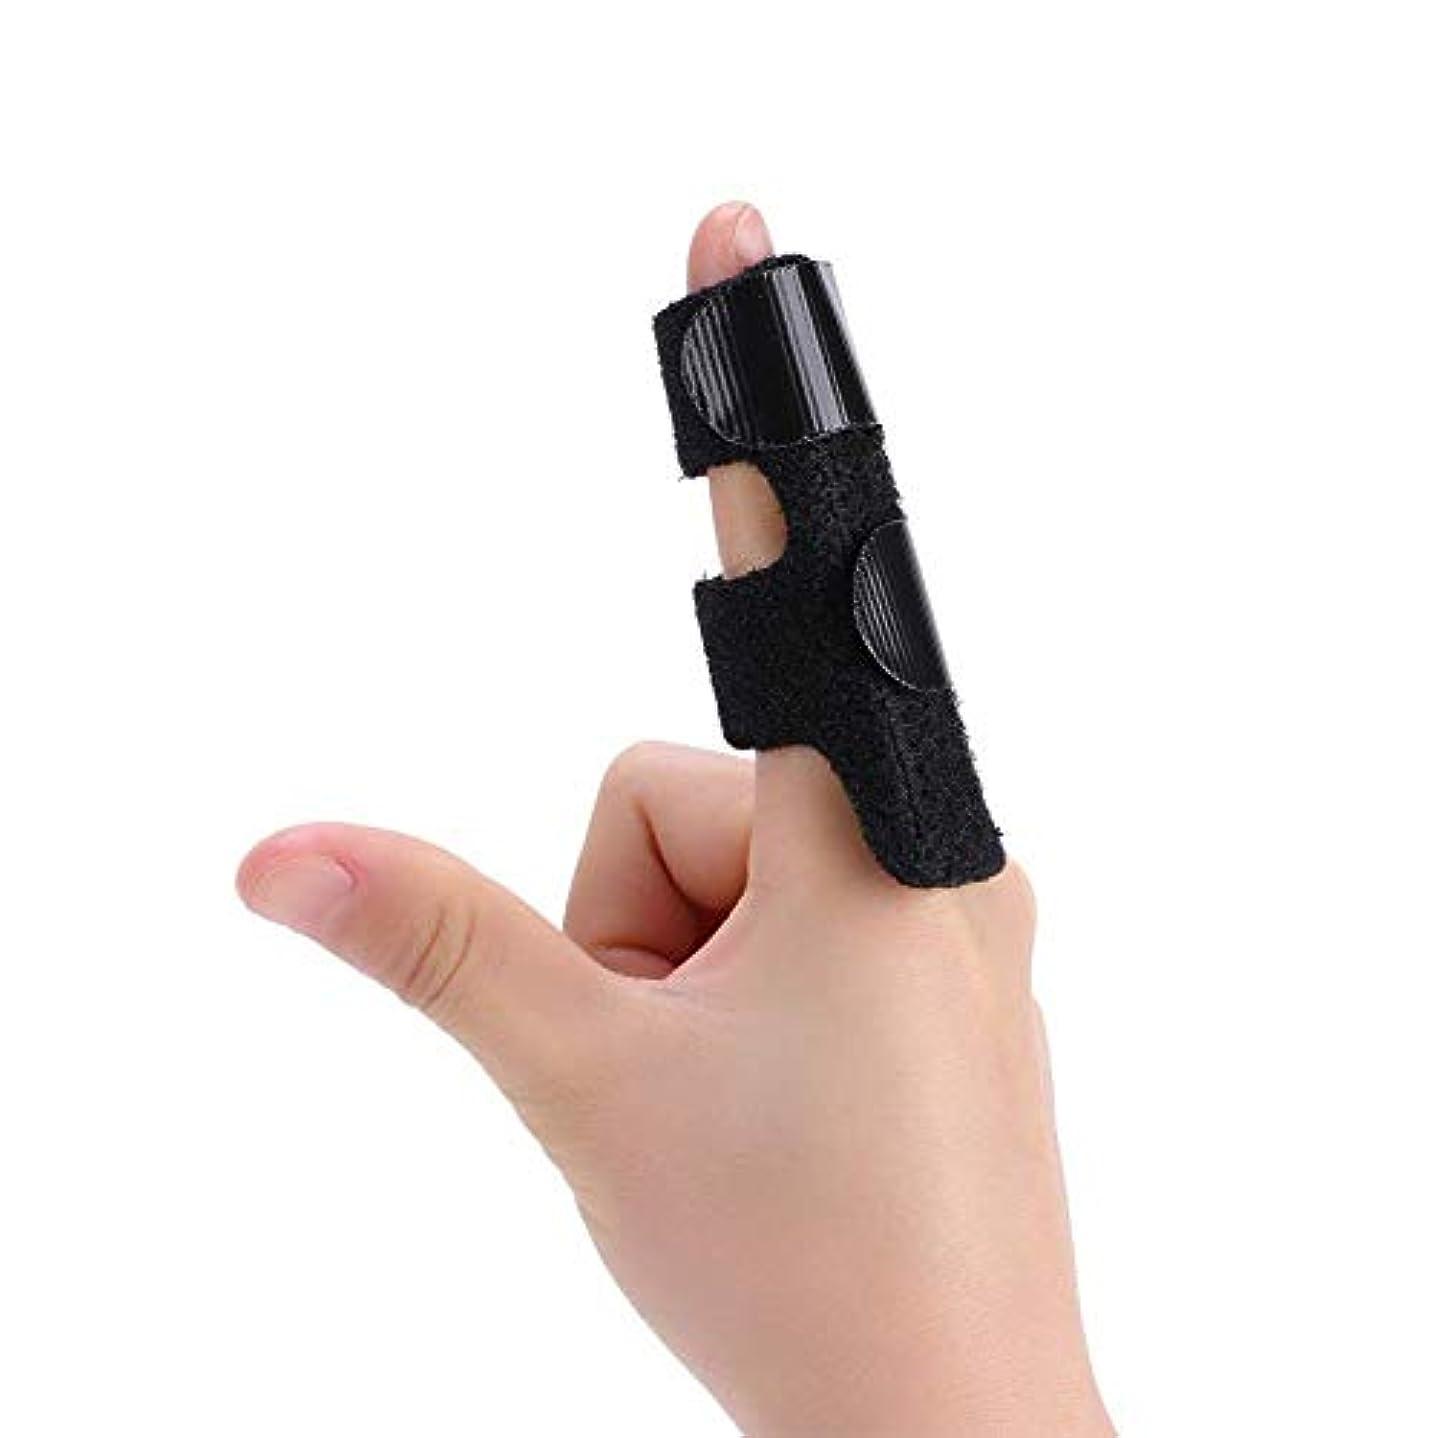 好き動予測するばね指スプリント、指拡張スプリント、内蔵のアルミサポートトリガー、指ナックル固定化のために、指の骨折、傷、術後ケアと痛み - フル指用